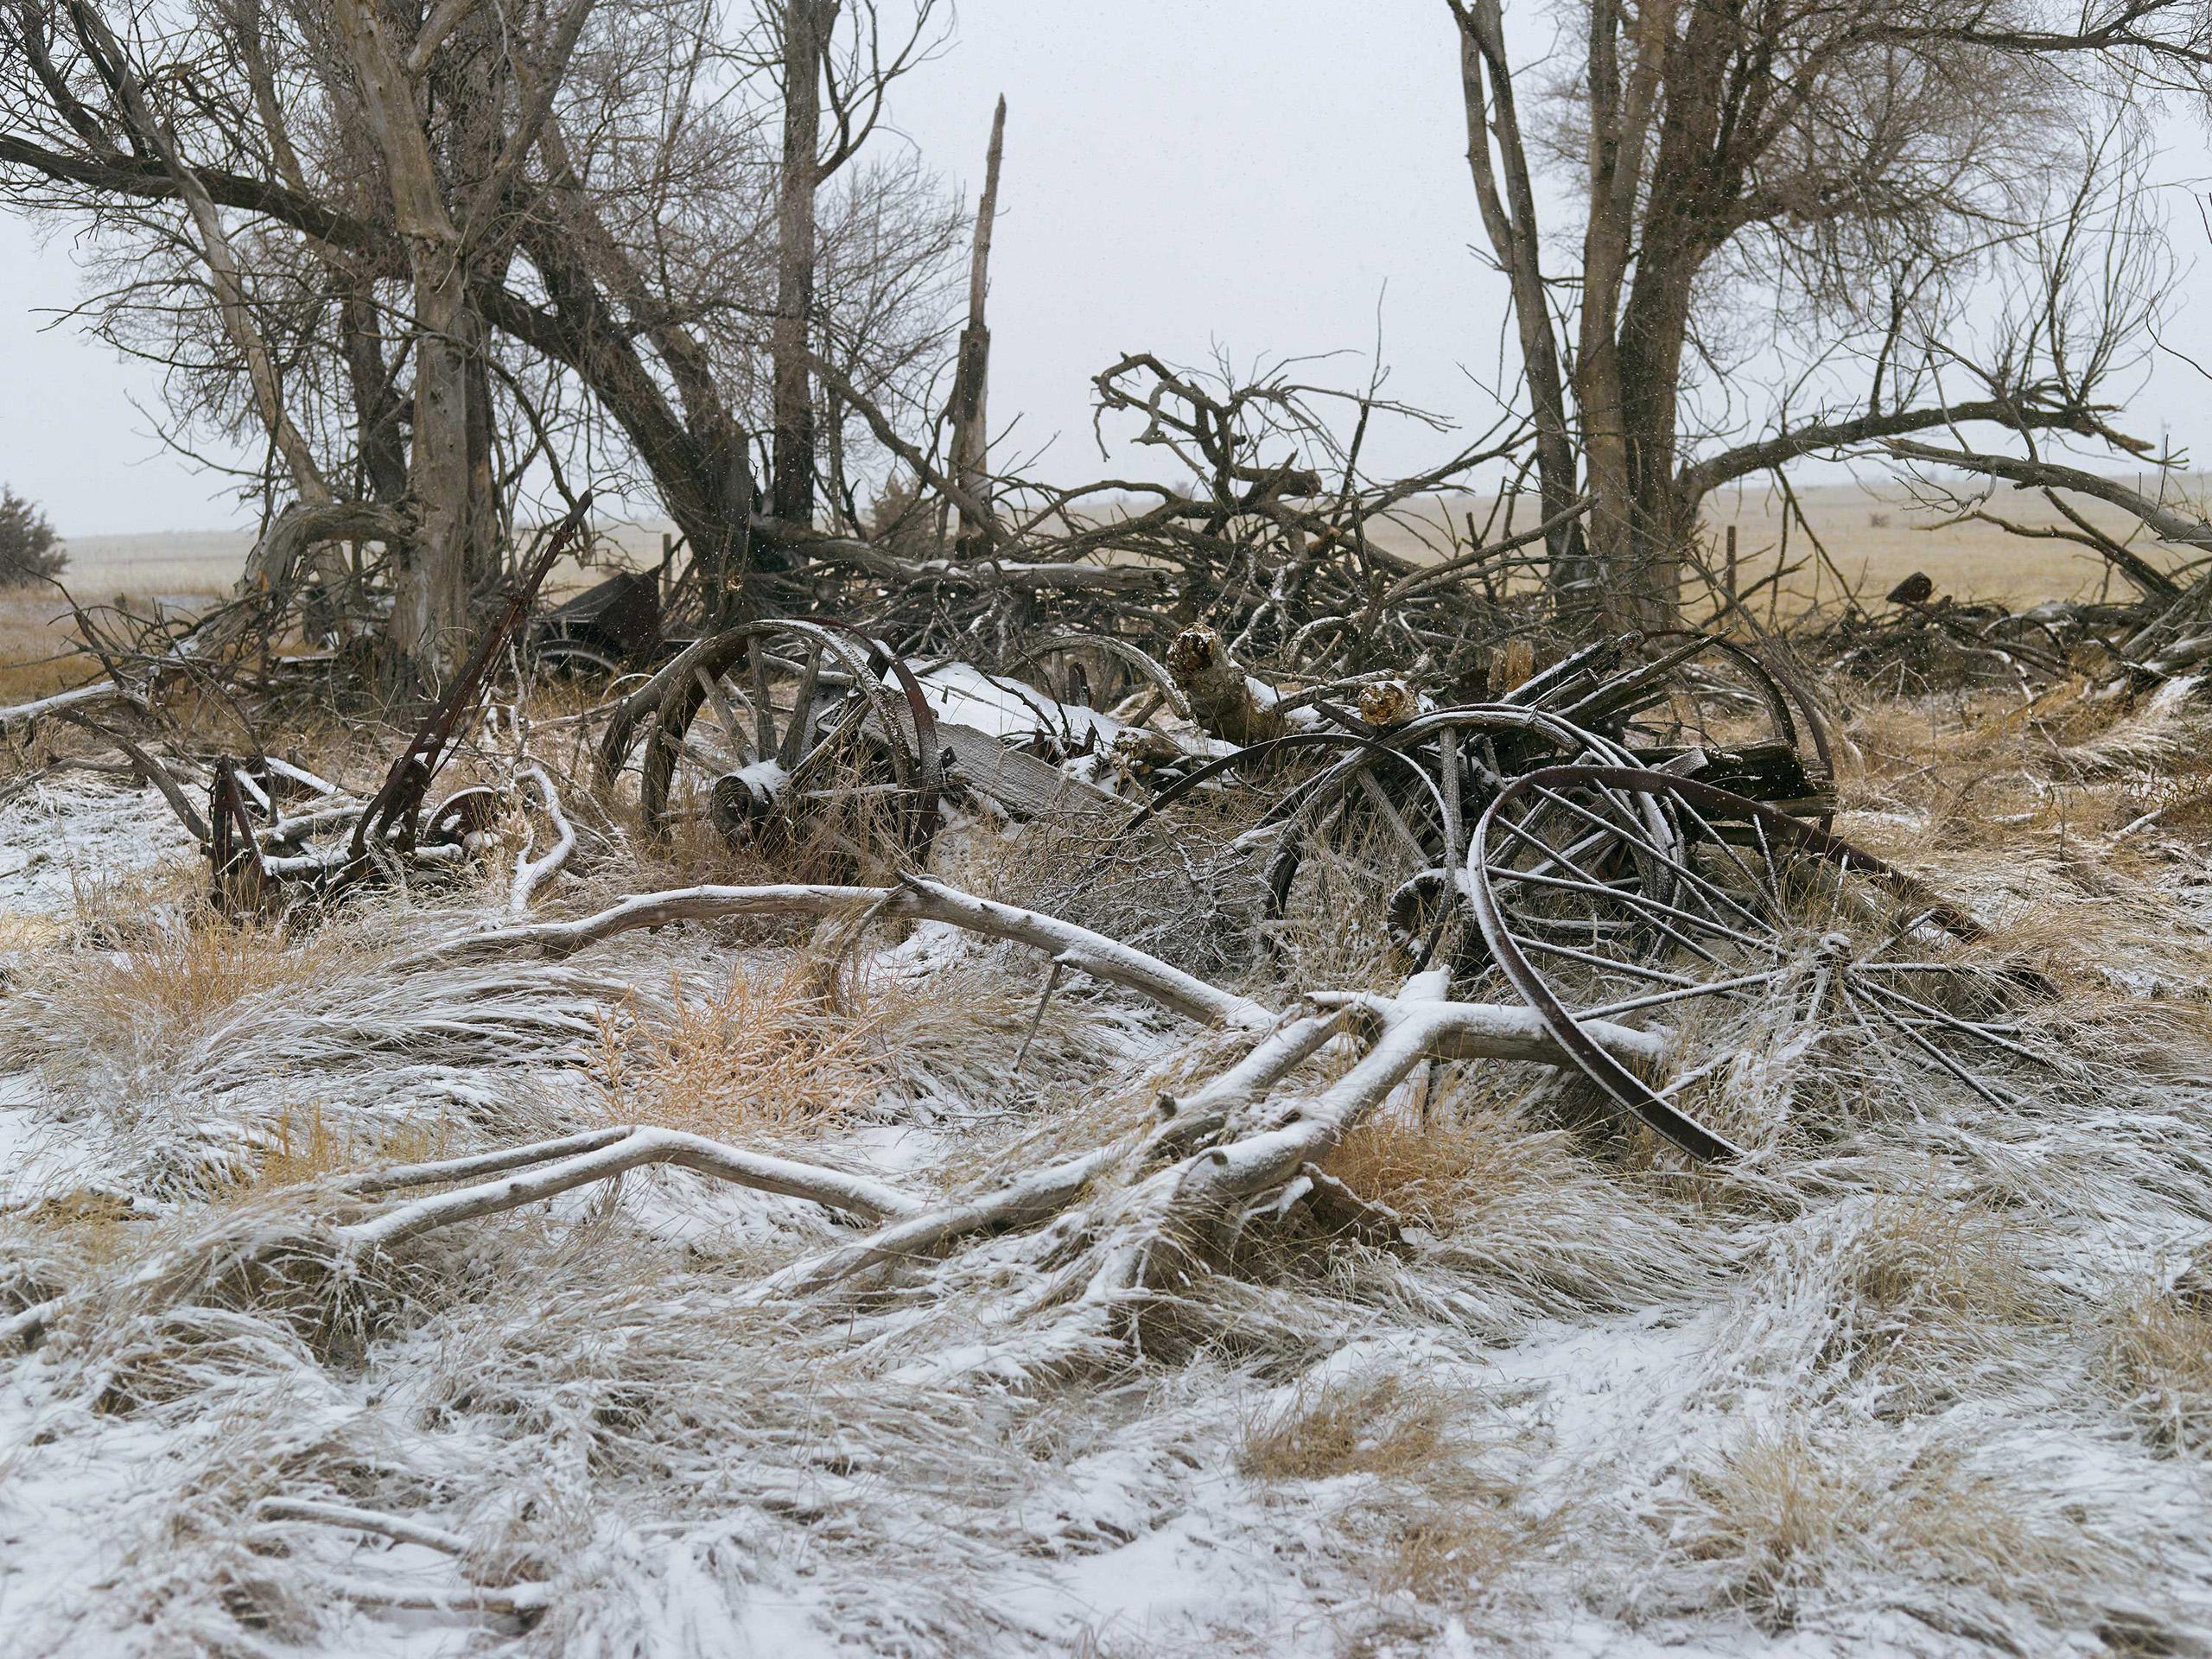 Buckboard Wagon. Sheridan County, Nebraska, 2013.